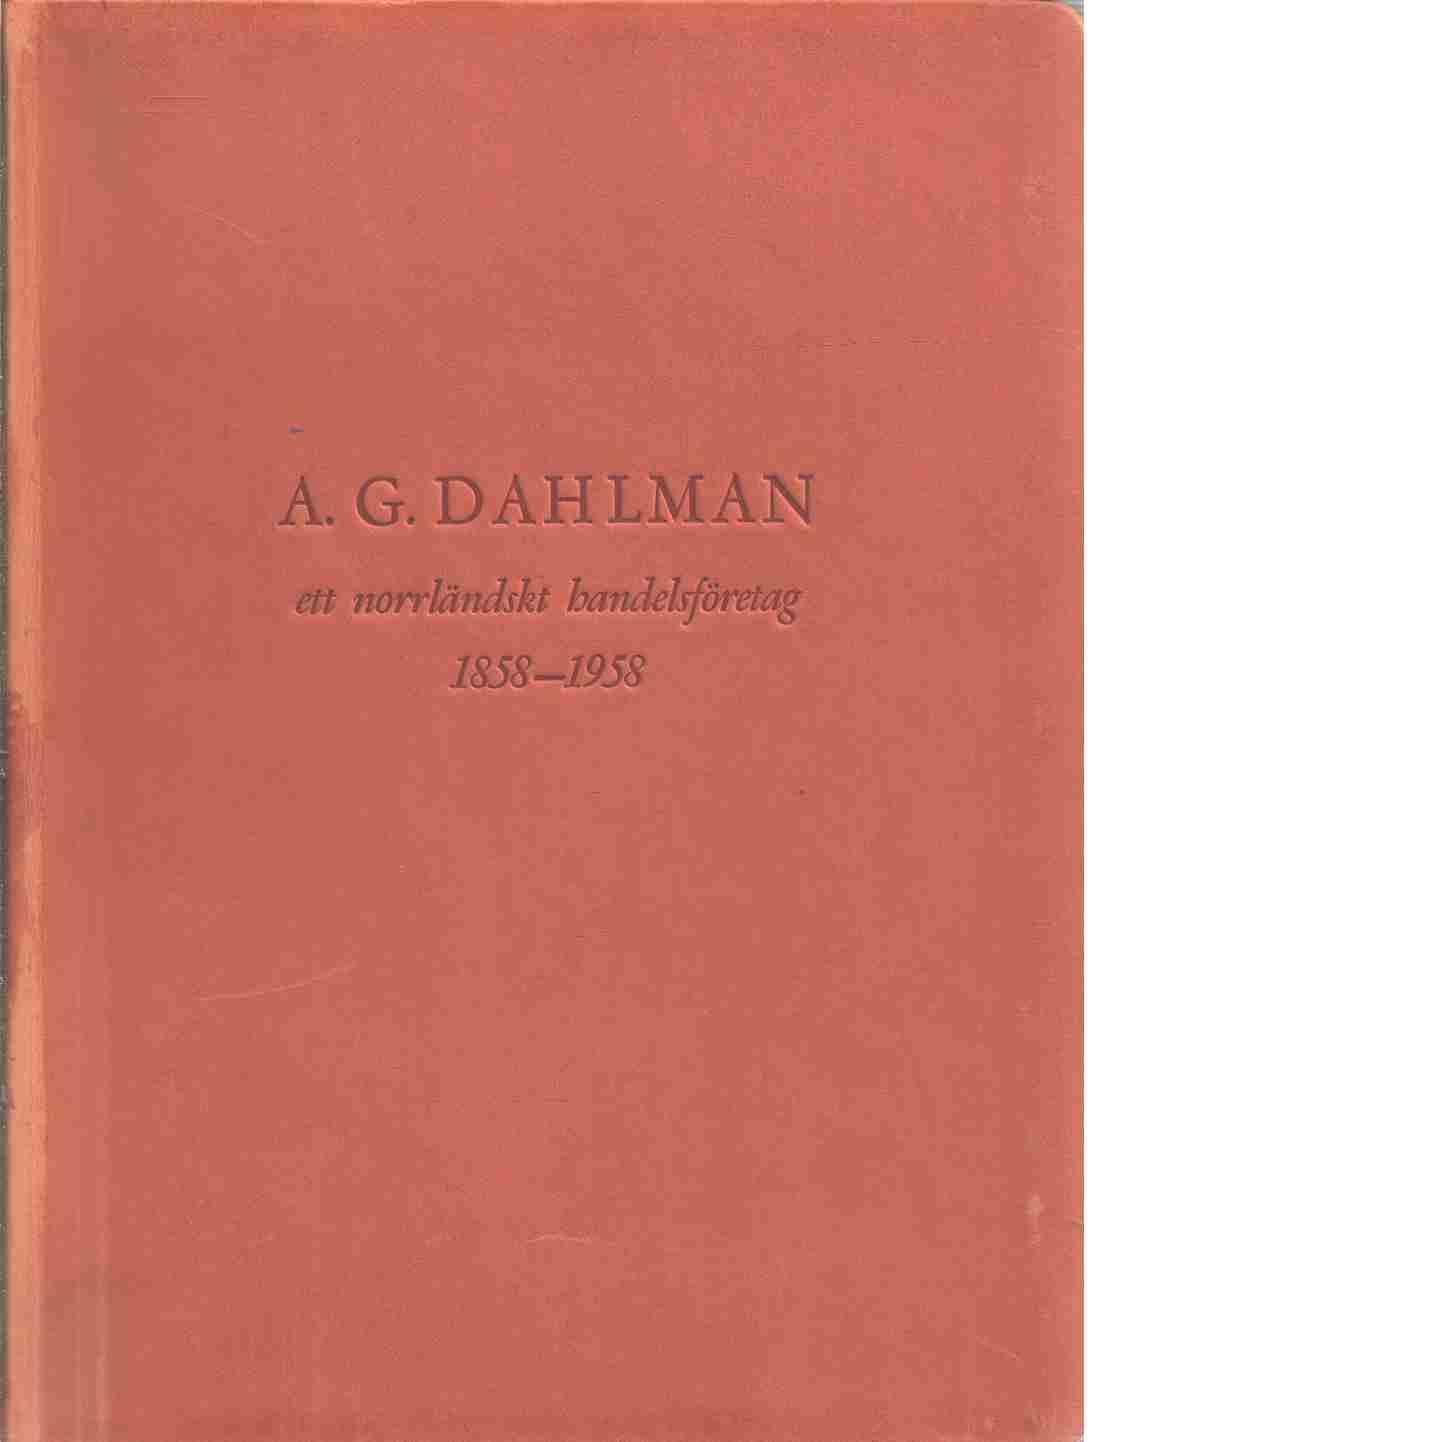 A.G. Dahlman : ett norrländskt handelsföretag : 1858-1958 - Hagstedt, Erik